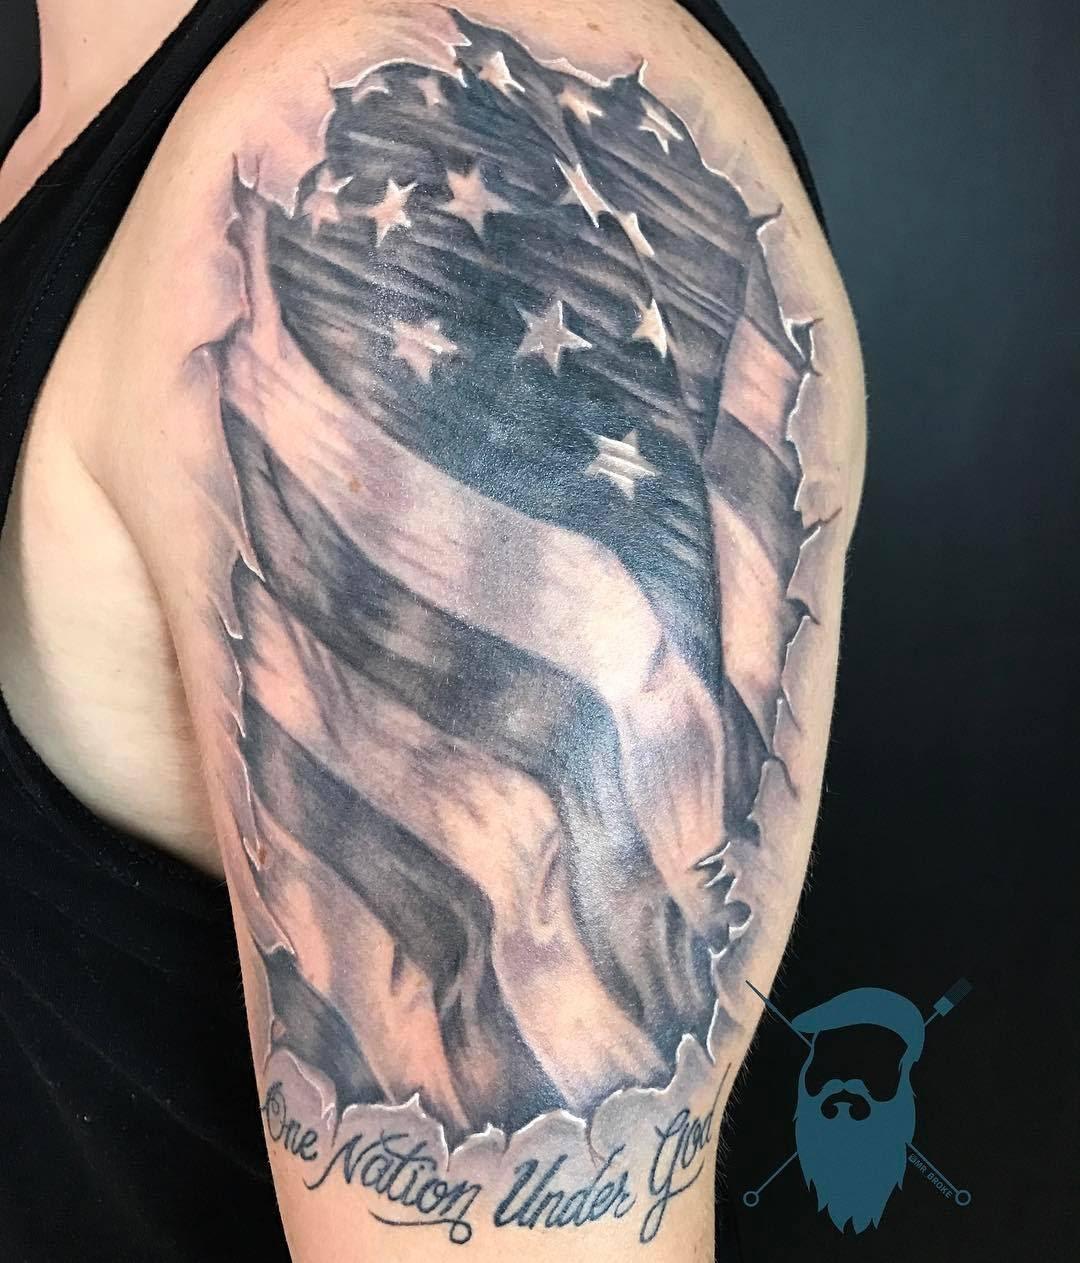 American Flag Tattoos By Aaron Broke